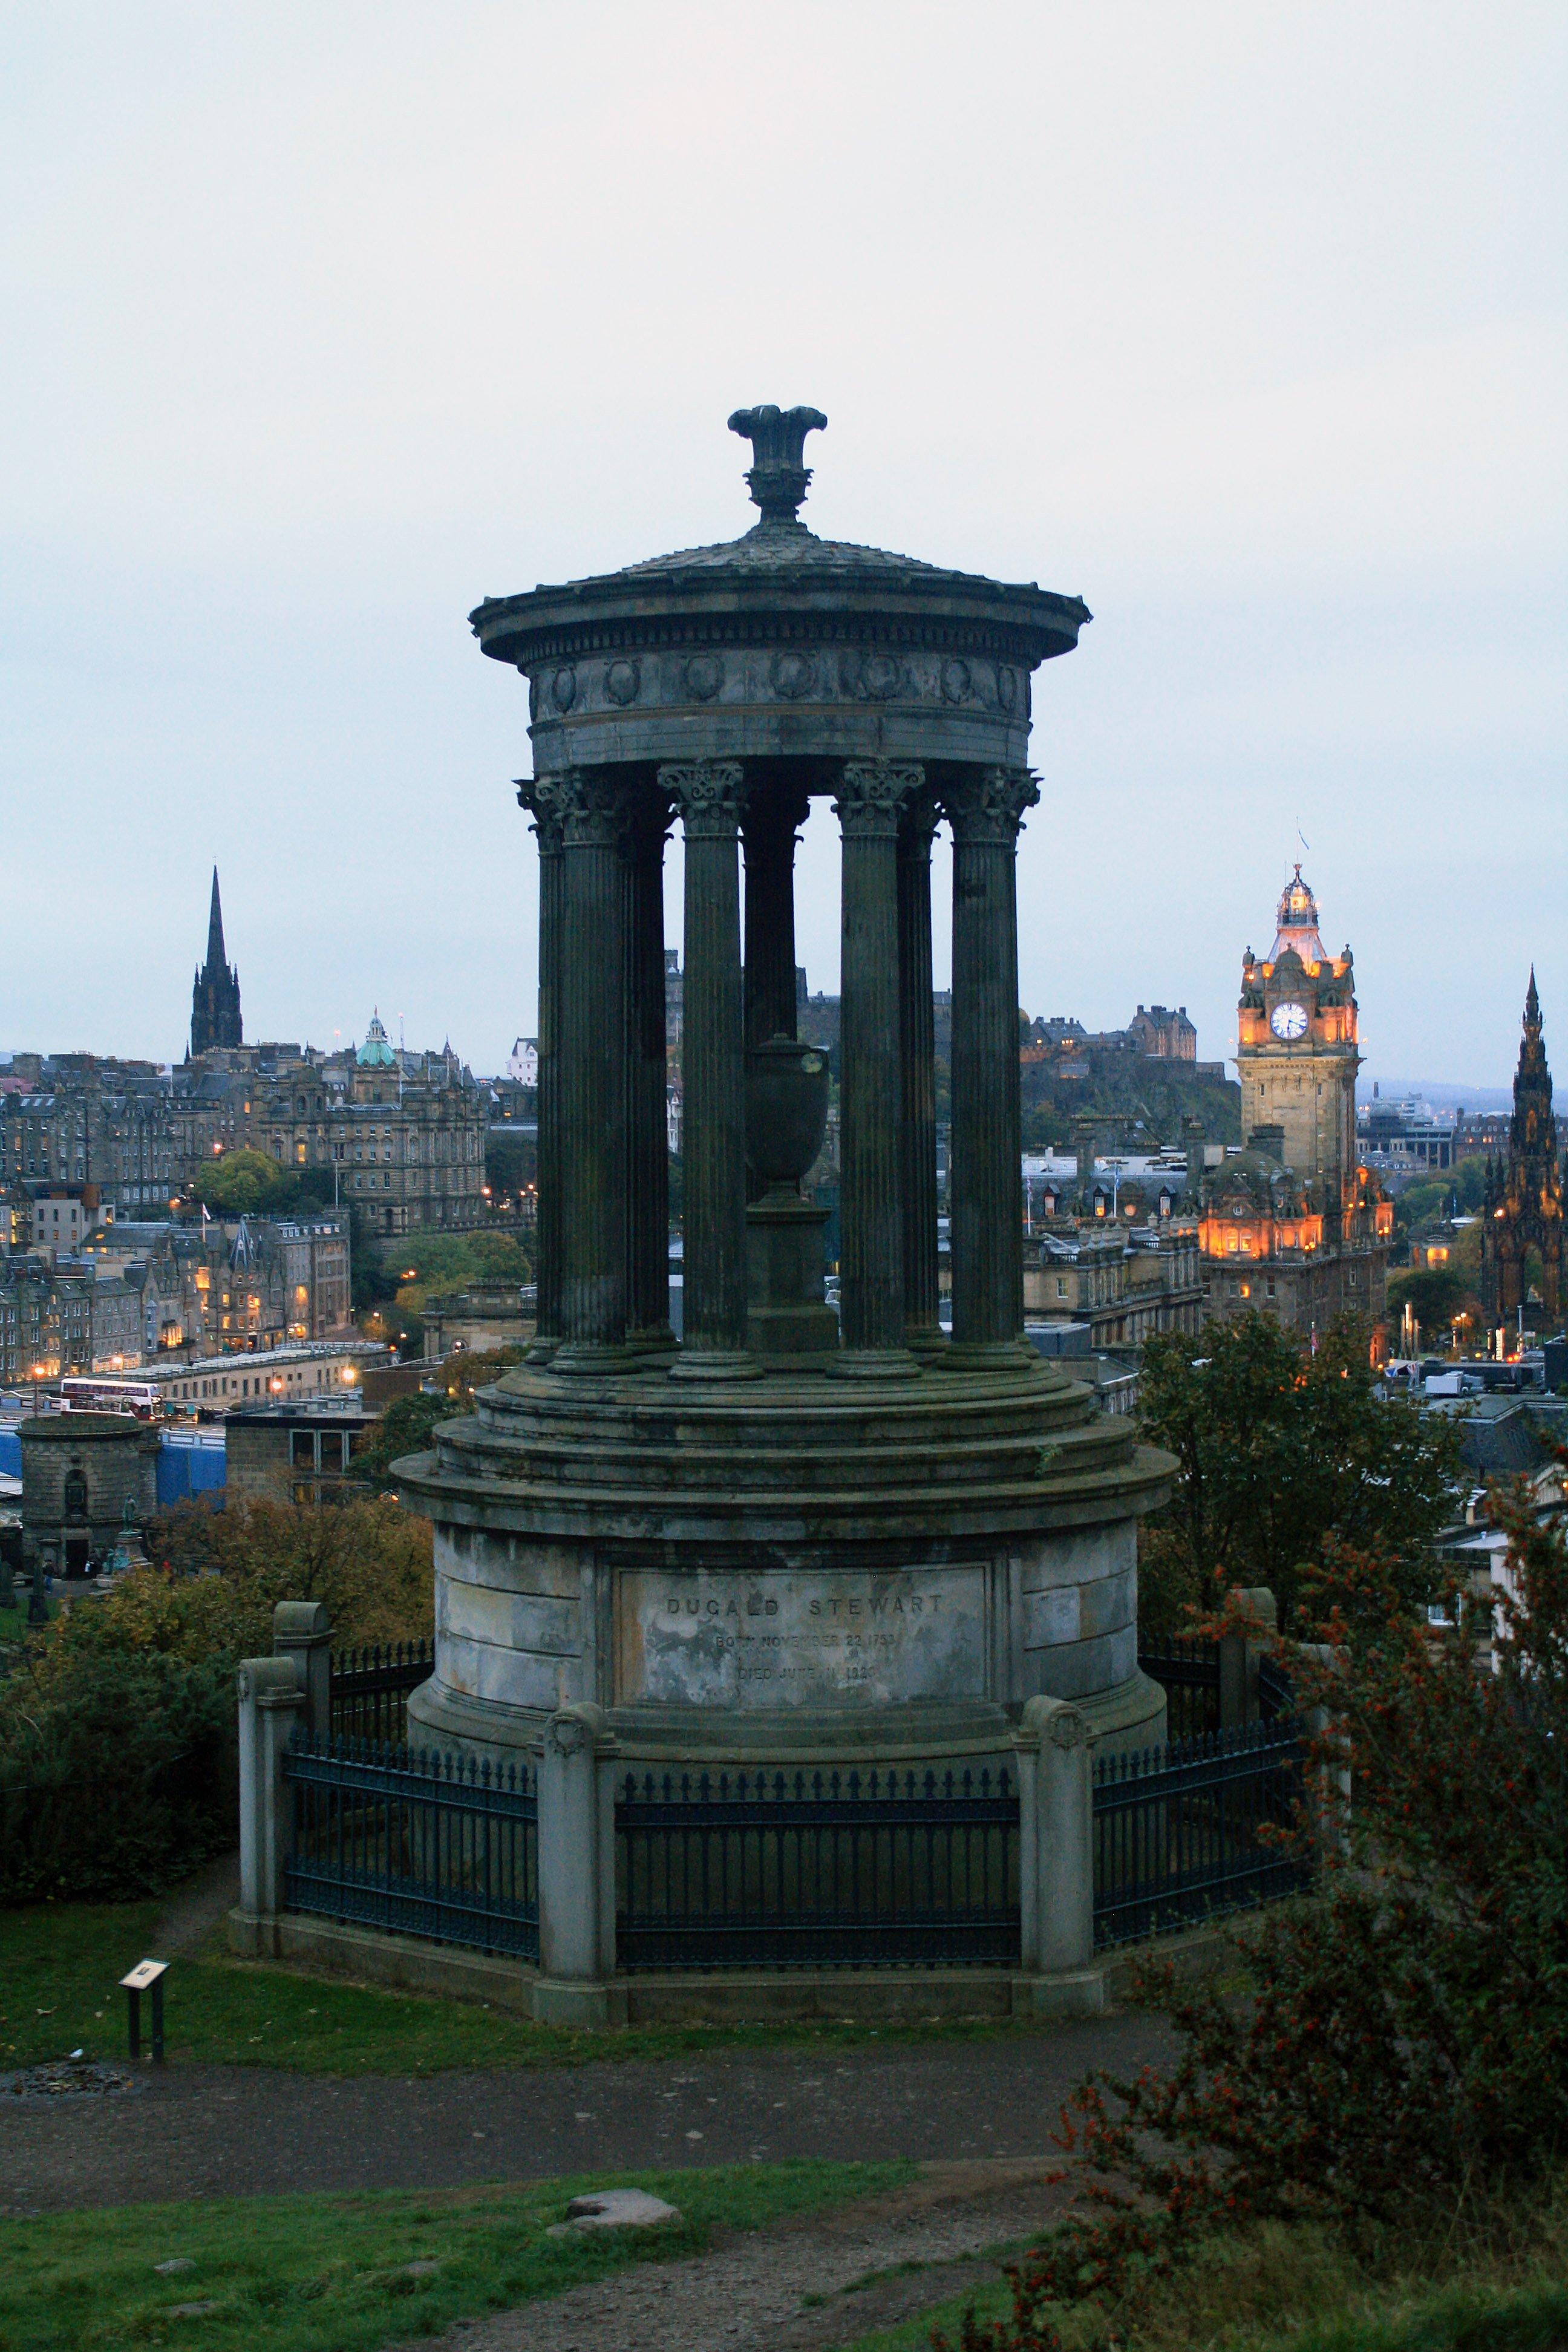 Dugald Stewart monument Calton Hill, Edinburgh